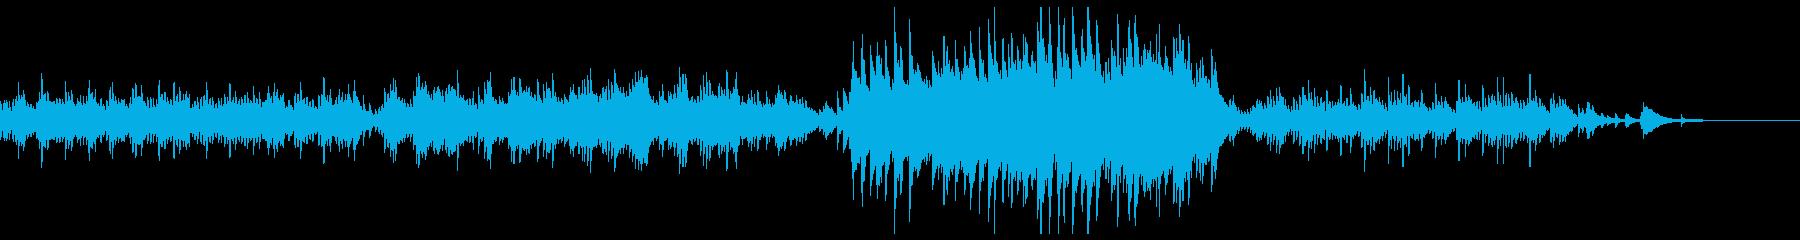 ピアノソロ:「海」第一楽章「序」の再生済みの波形